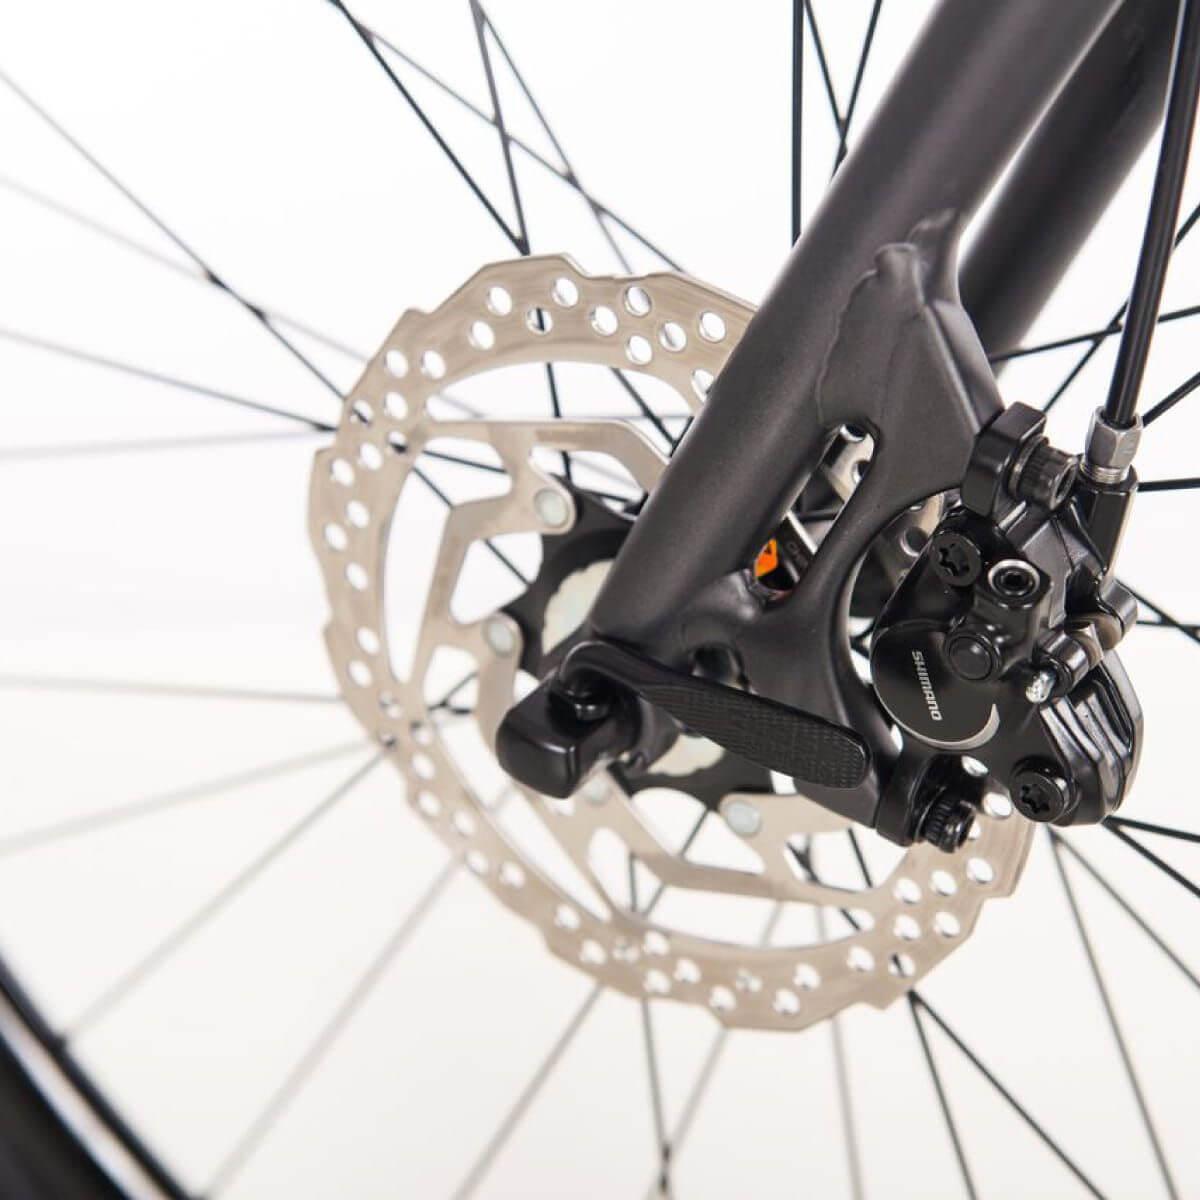 Bicicleta  SENSE ACTIVE 2019  - 27v -  Aro 700 - Componentes SHIMANO - Freios HIDRÁULICOS SHIMANO